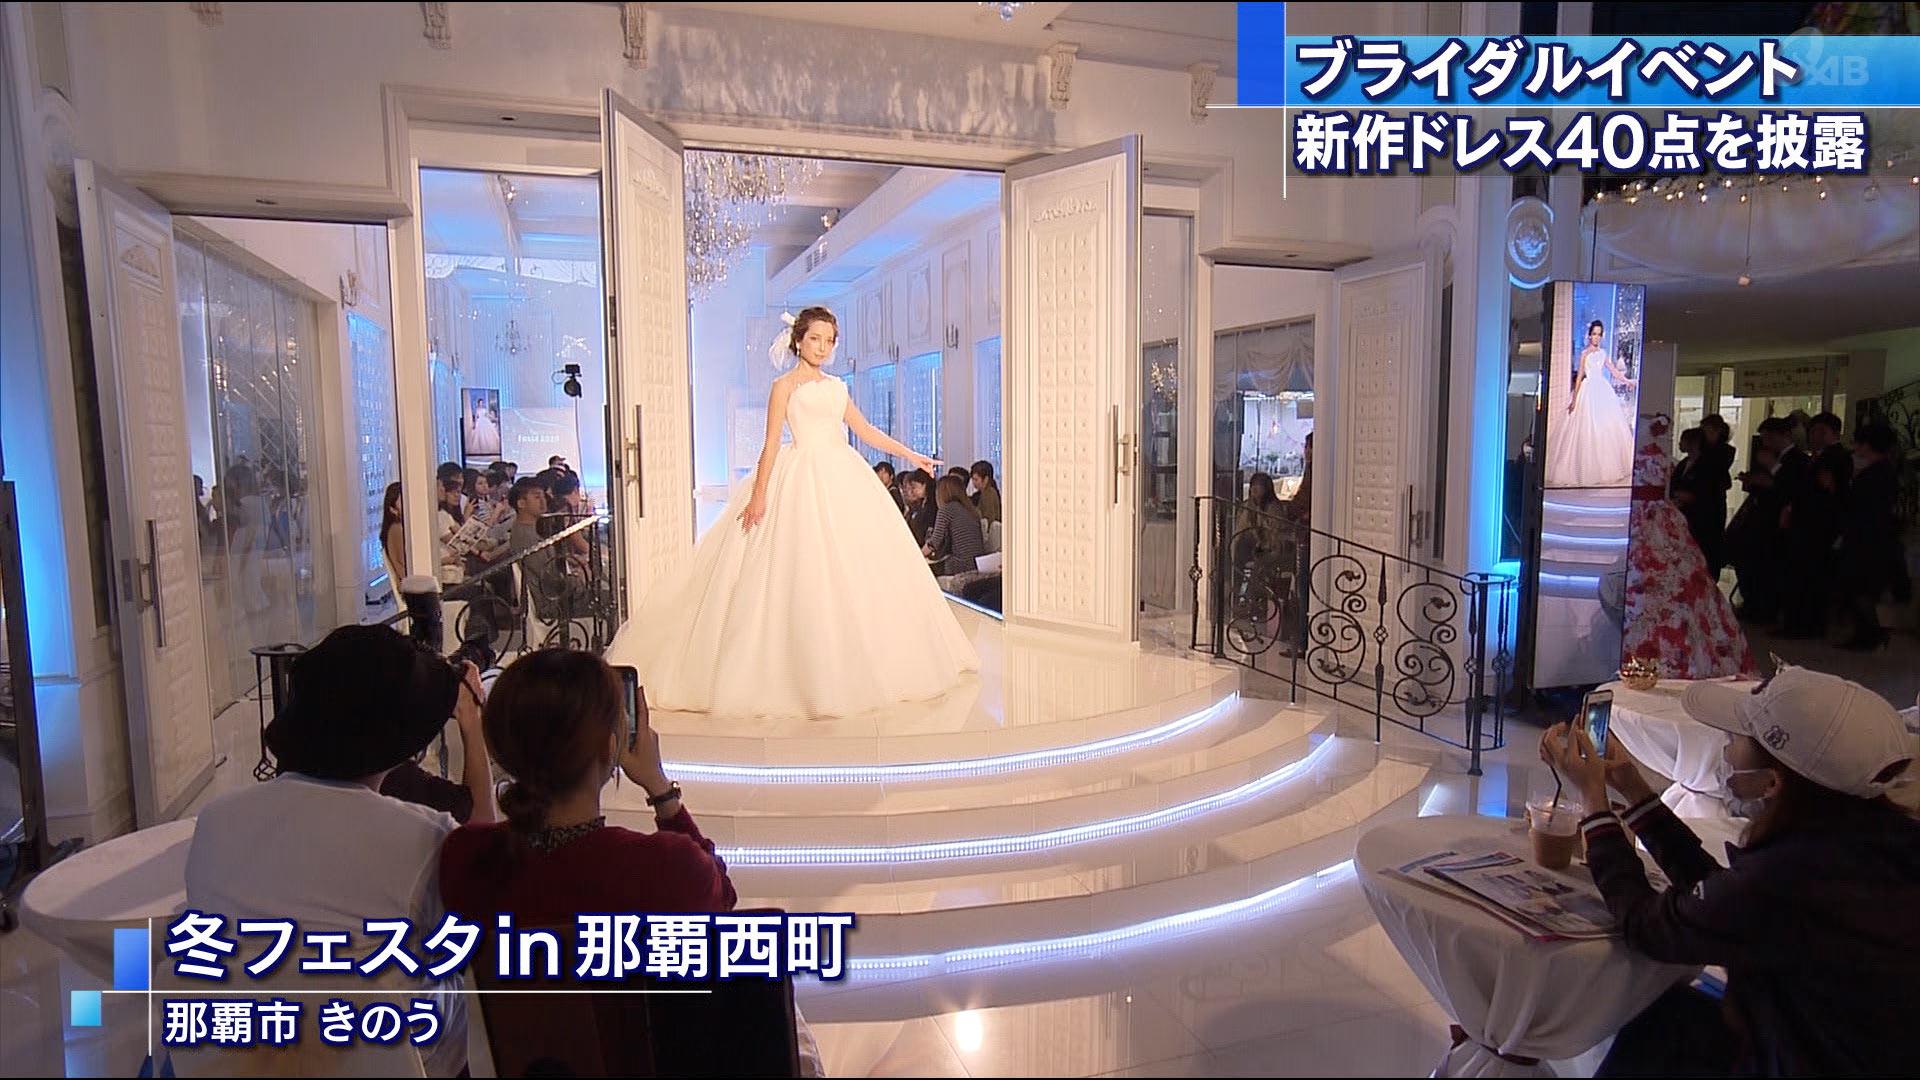 2020年の新作ウェディングドレスをお披露目